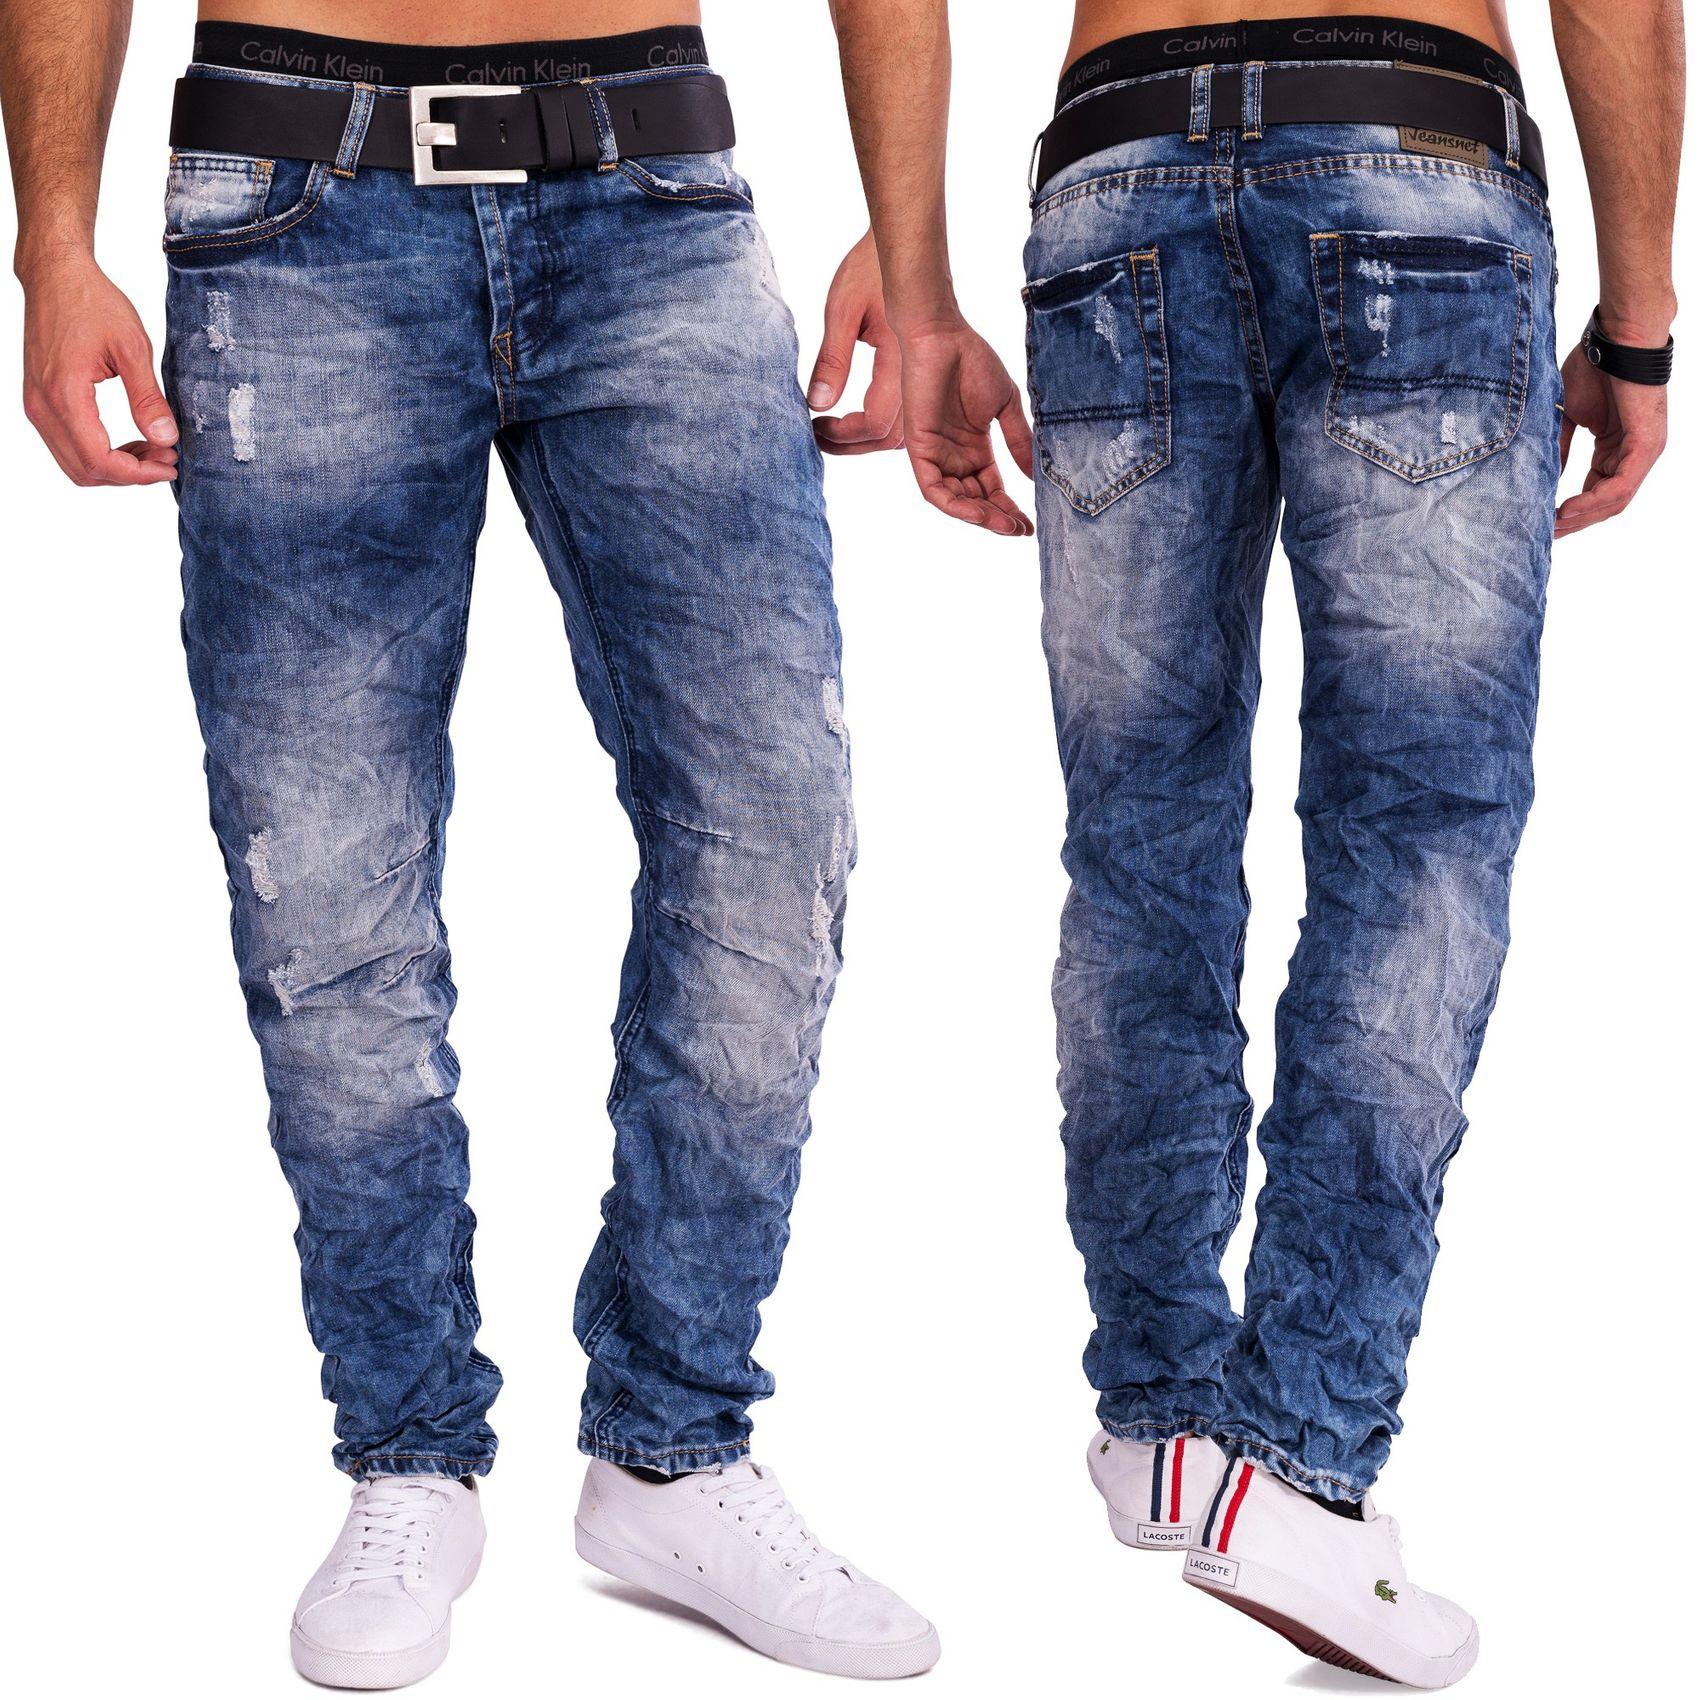 jeansnet herren destroyed denim crinkle knitter effekt. Black Bedroom Furniture Sets. Home Design Ideas